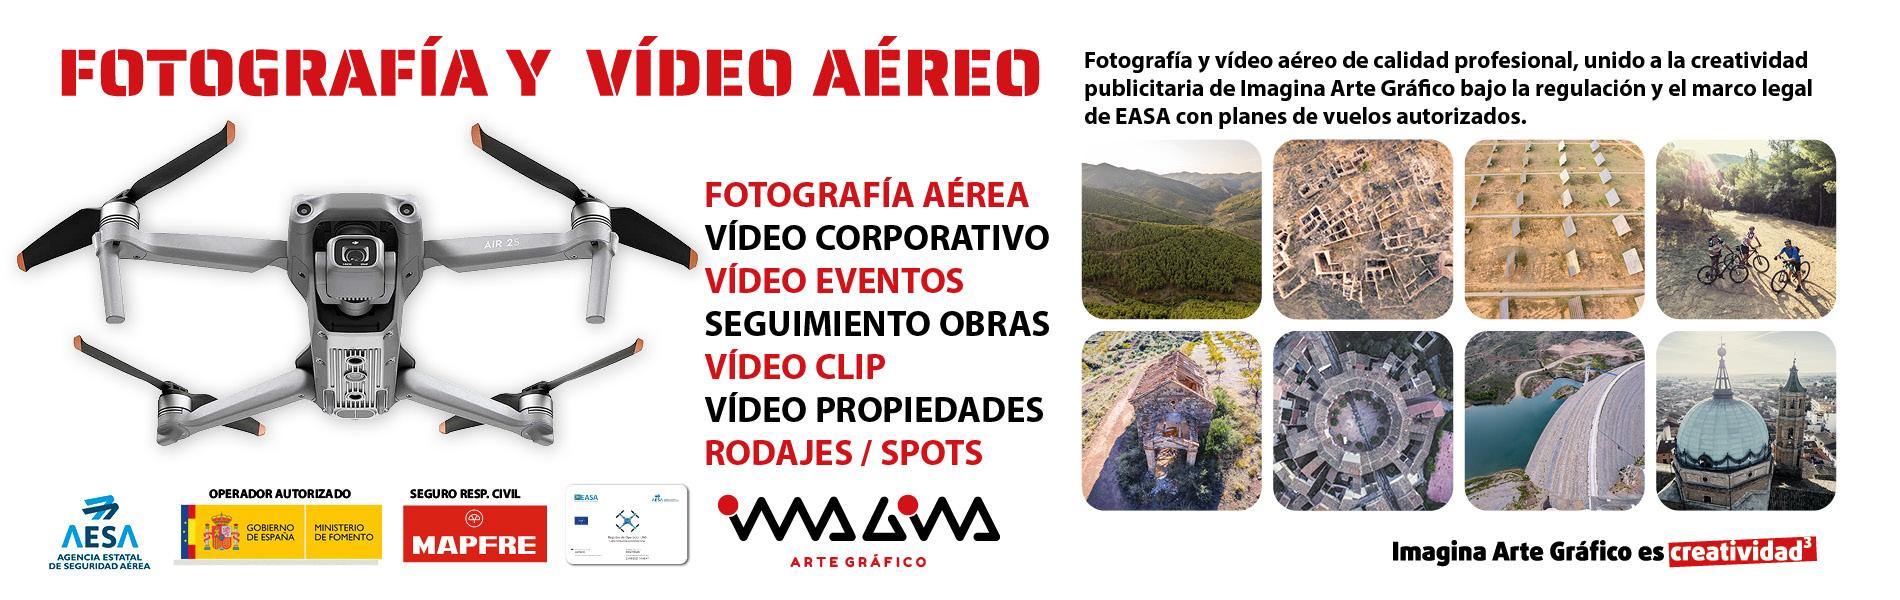 Nuevo servicio - Fotografía y Vídeo Aéreo - Imagina Arte Gráfico